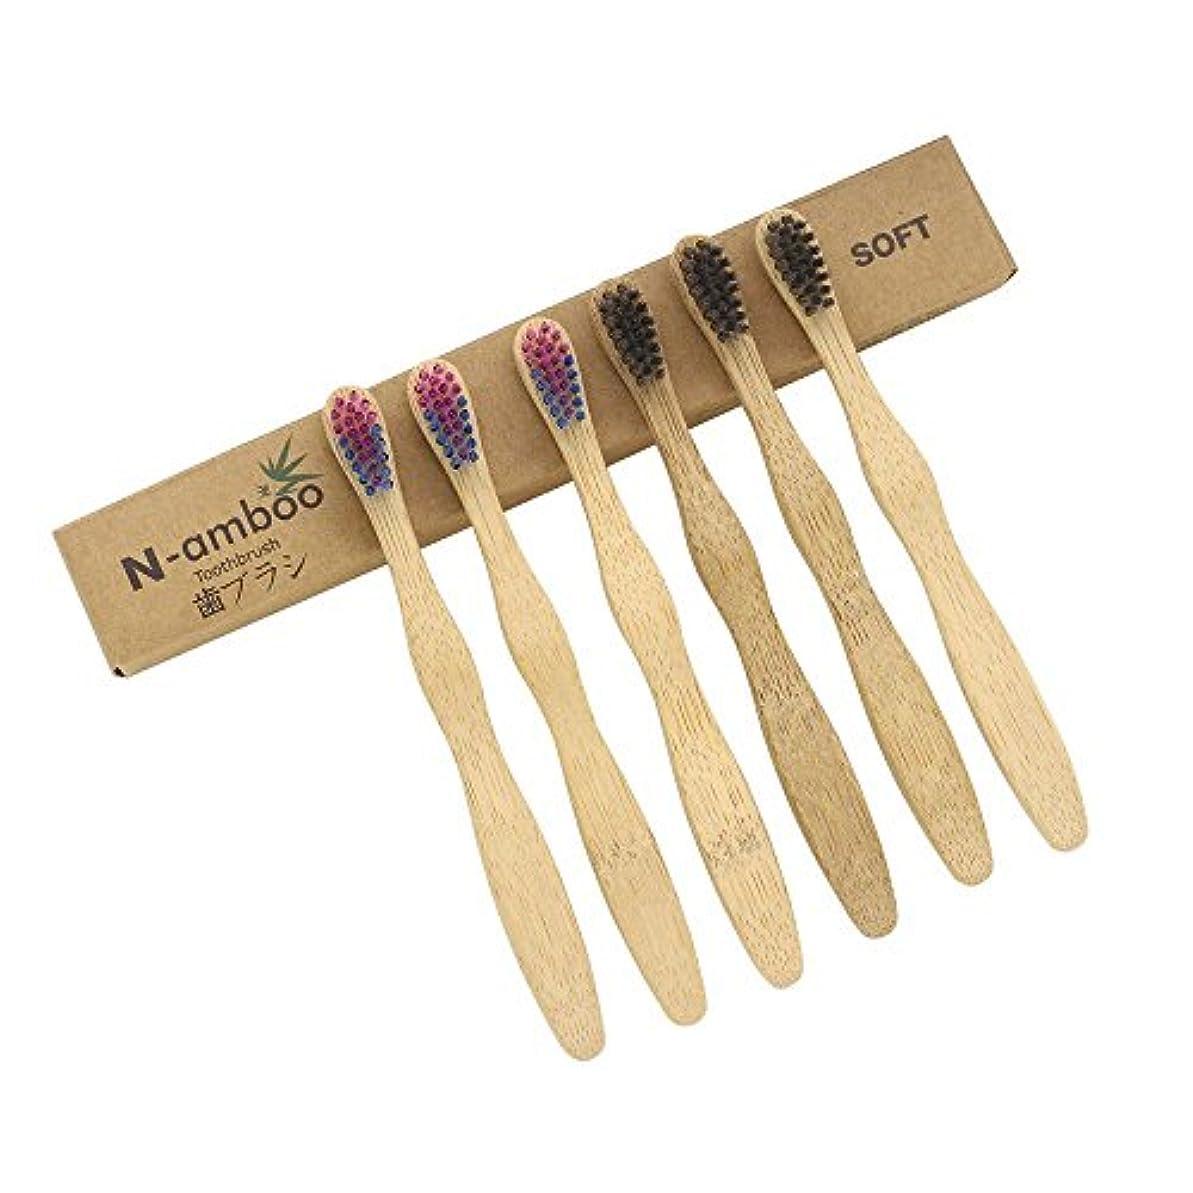 名声ロードブロッキング哲学博士N-amboo 竹製耐久度高い 子供 歯ブラシ エコ 6本入り セット 黒と紫